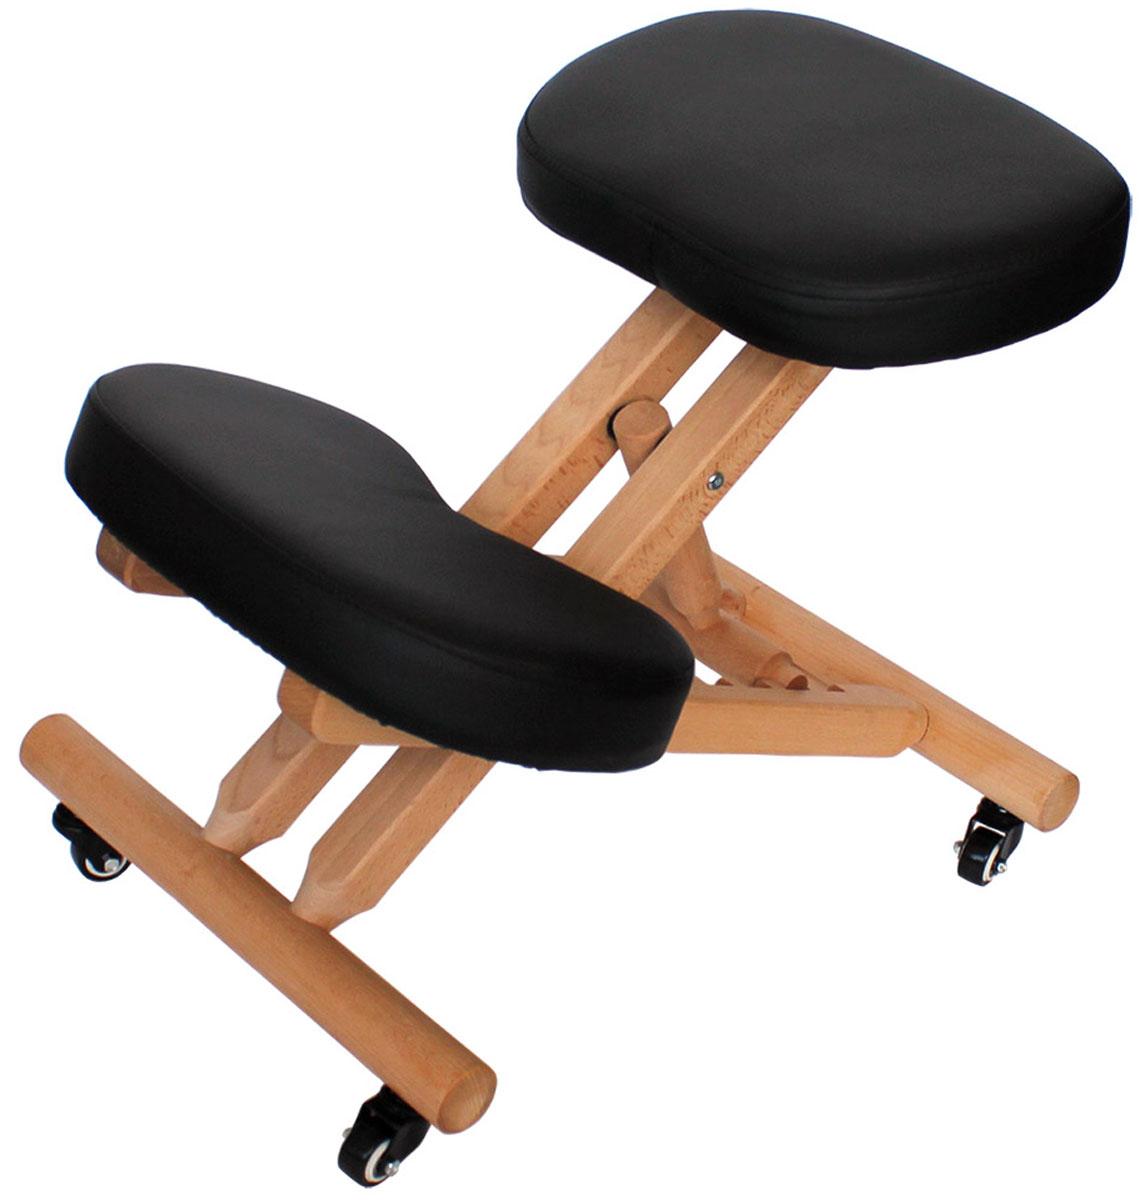 Gess Ортопедический стул для правильной осанки Vertebra Pro gess ортопедический стул для правильной осанки vertebra pro